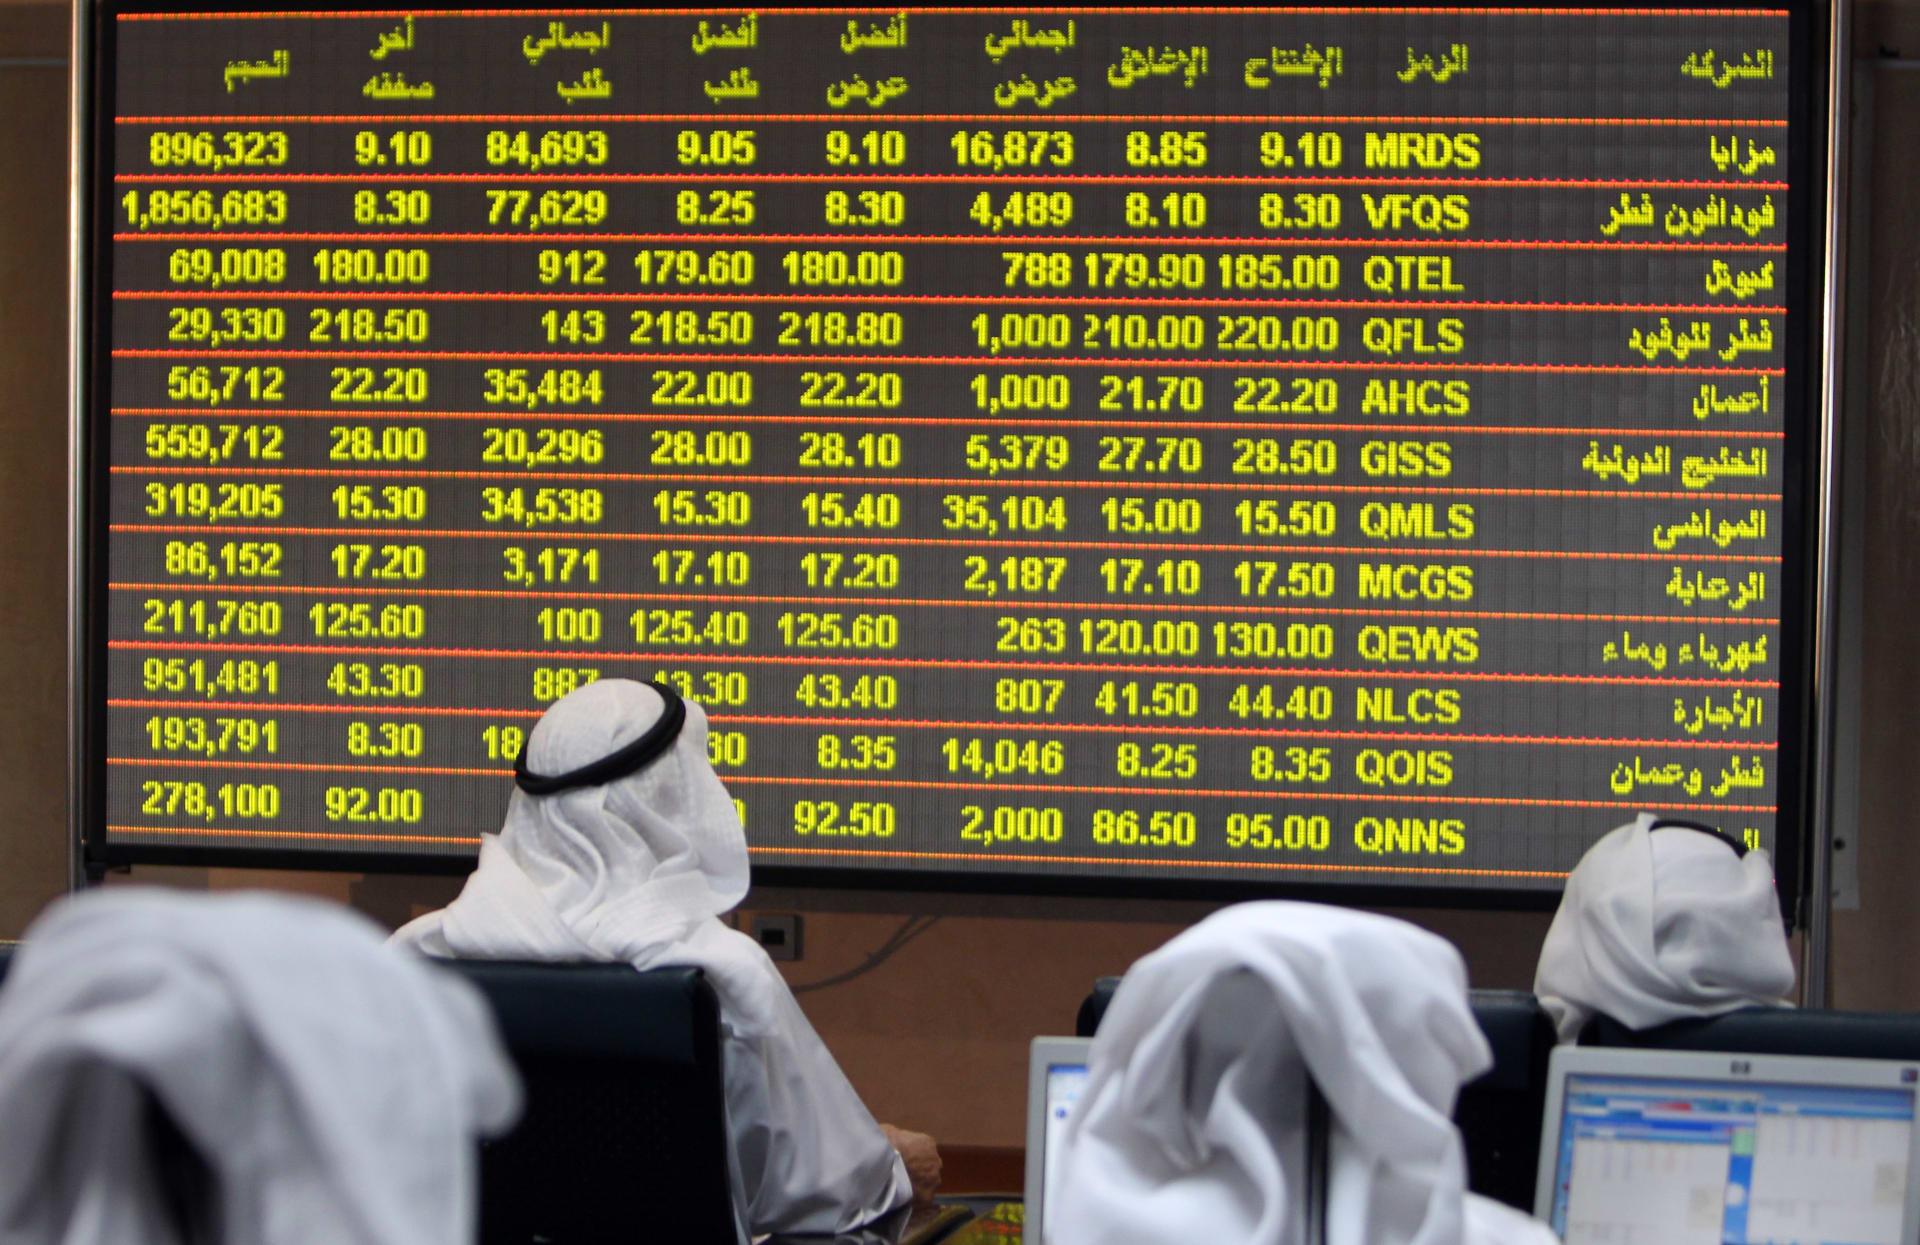 """قطر للبترول تمنح أسهما مجانية بشركة""""كامكو"""" للألومنيوم.. من المستفيدون؟"""